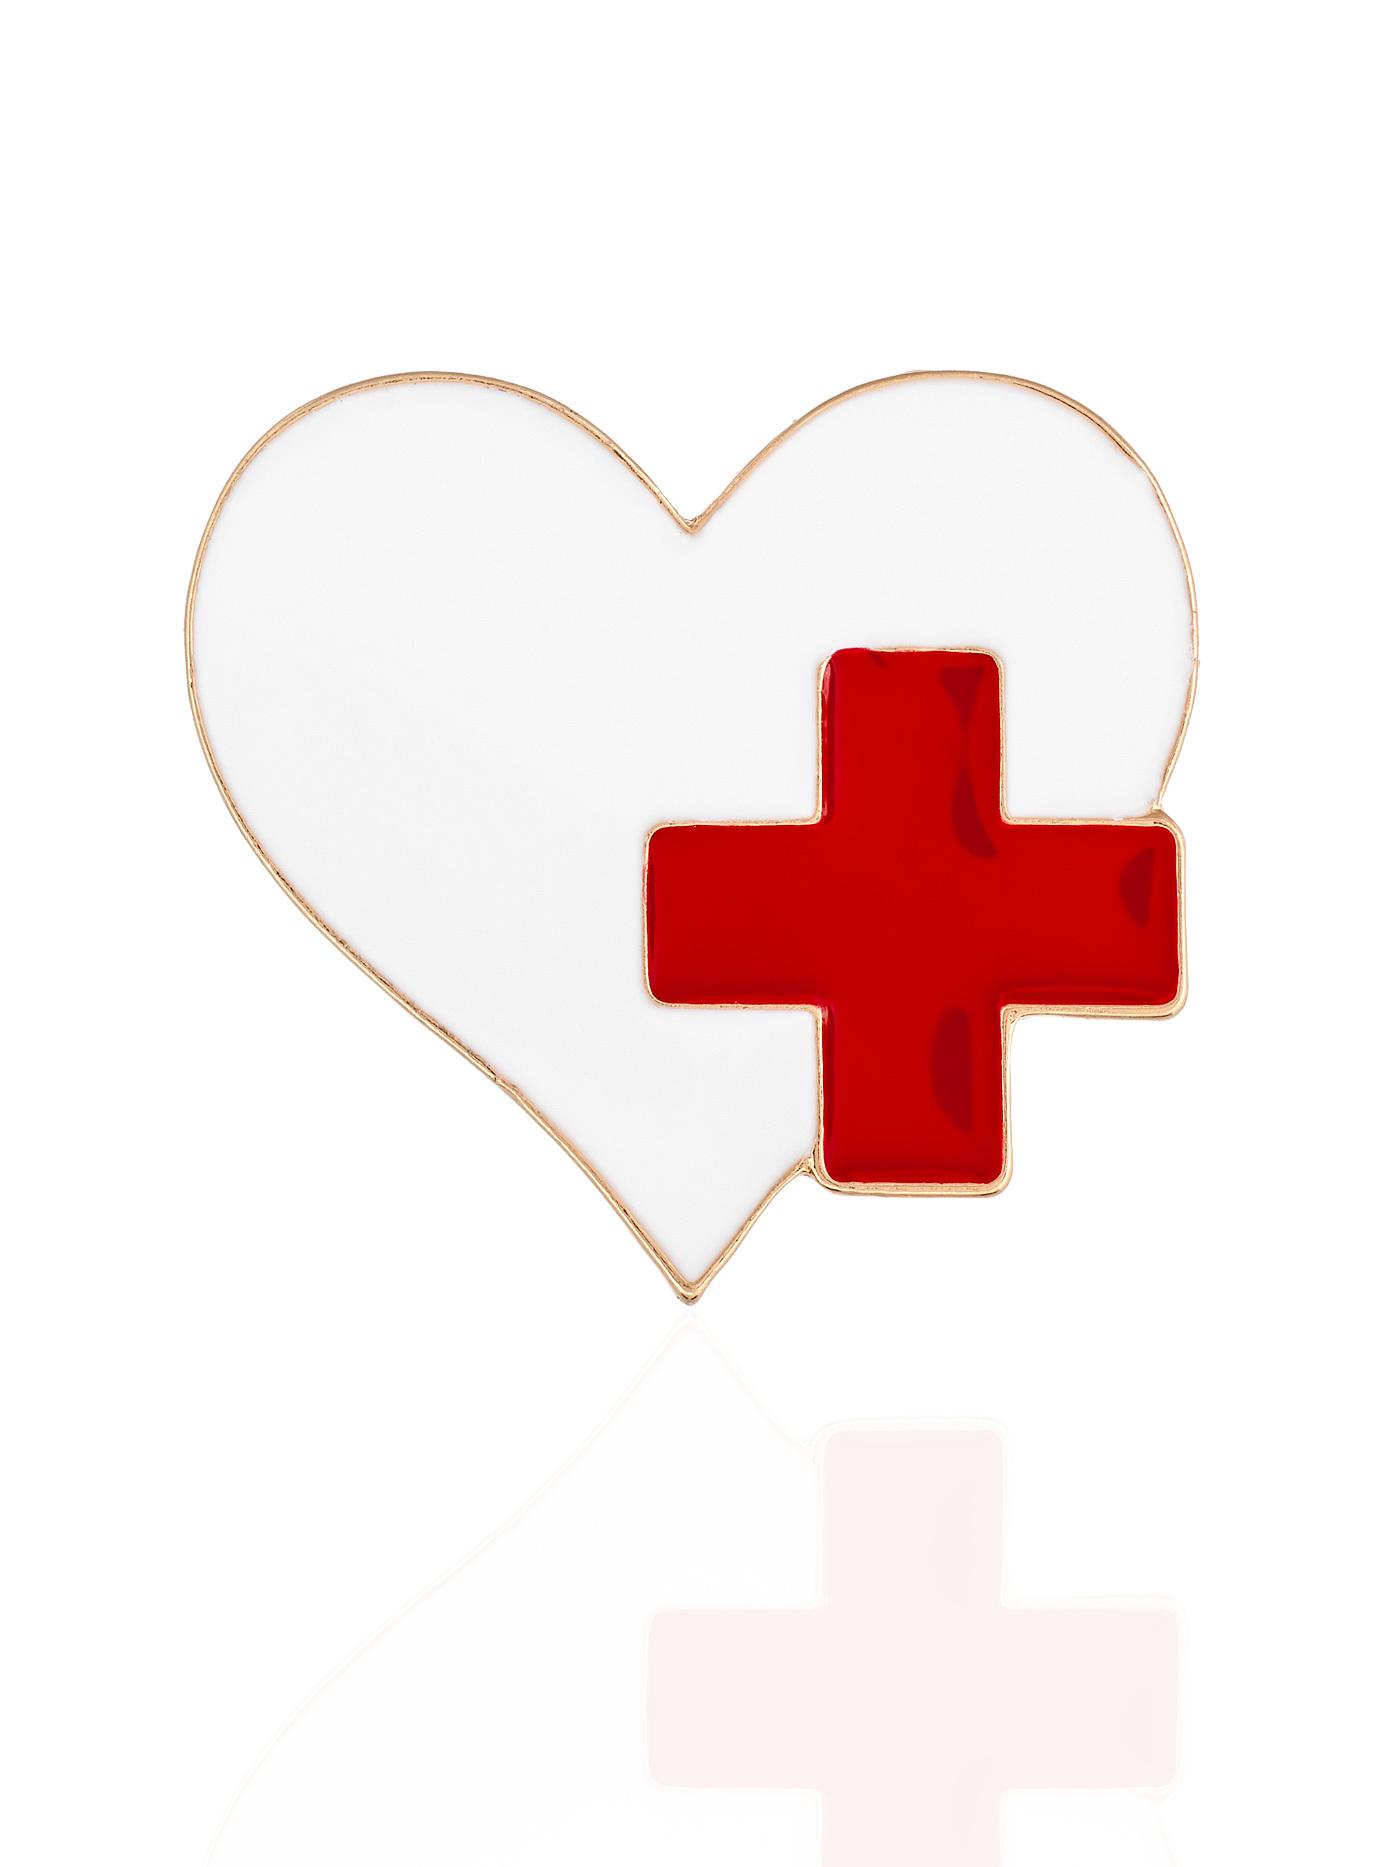 Брошь Сердце, подарок доктору, кардиологу